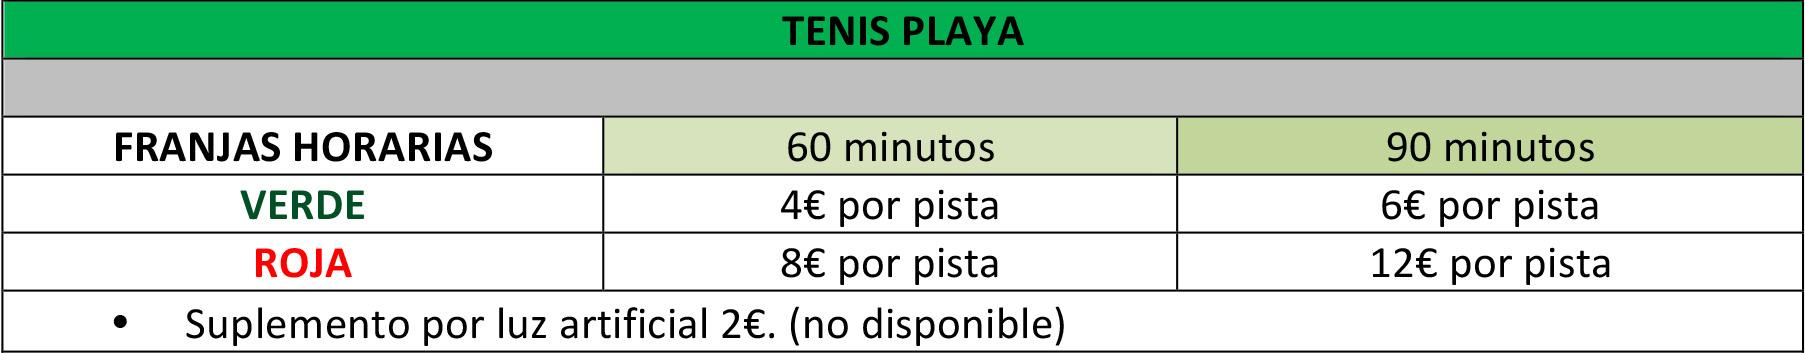 precio alquiler pista tenis playa